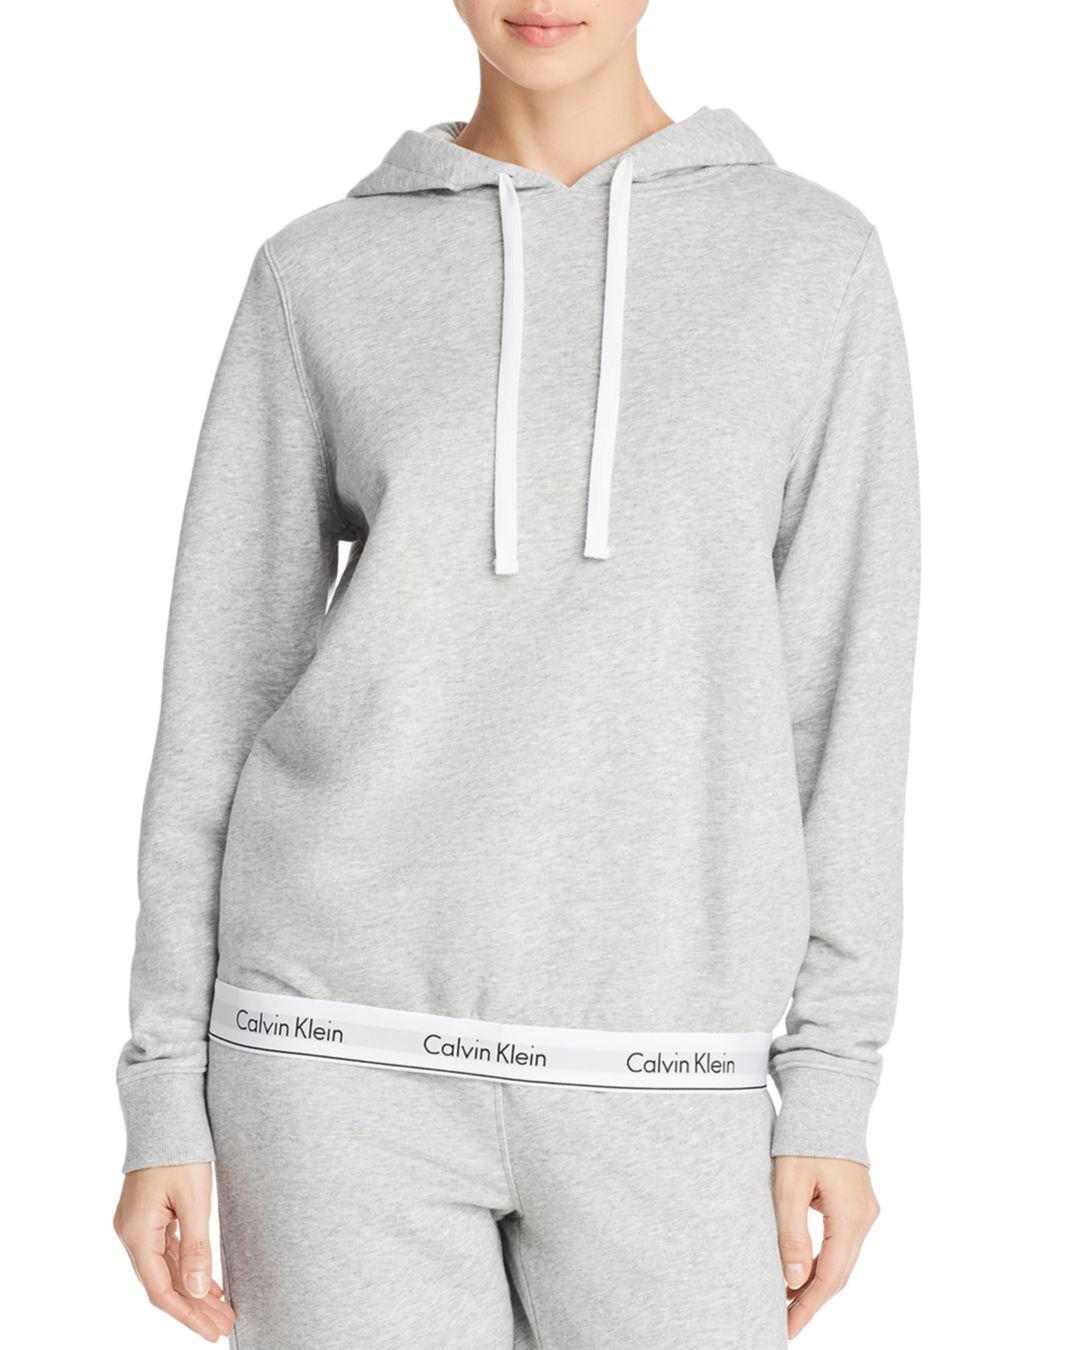 94d2ff79557c5 Lyst - Calvin Klein Modern Cotton Lounge Hoodie in Gray